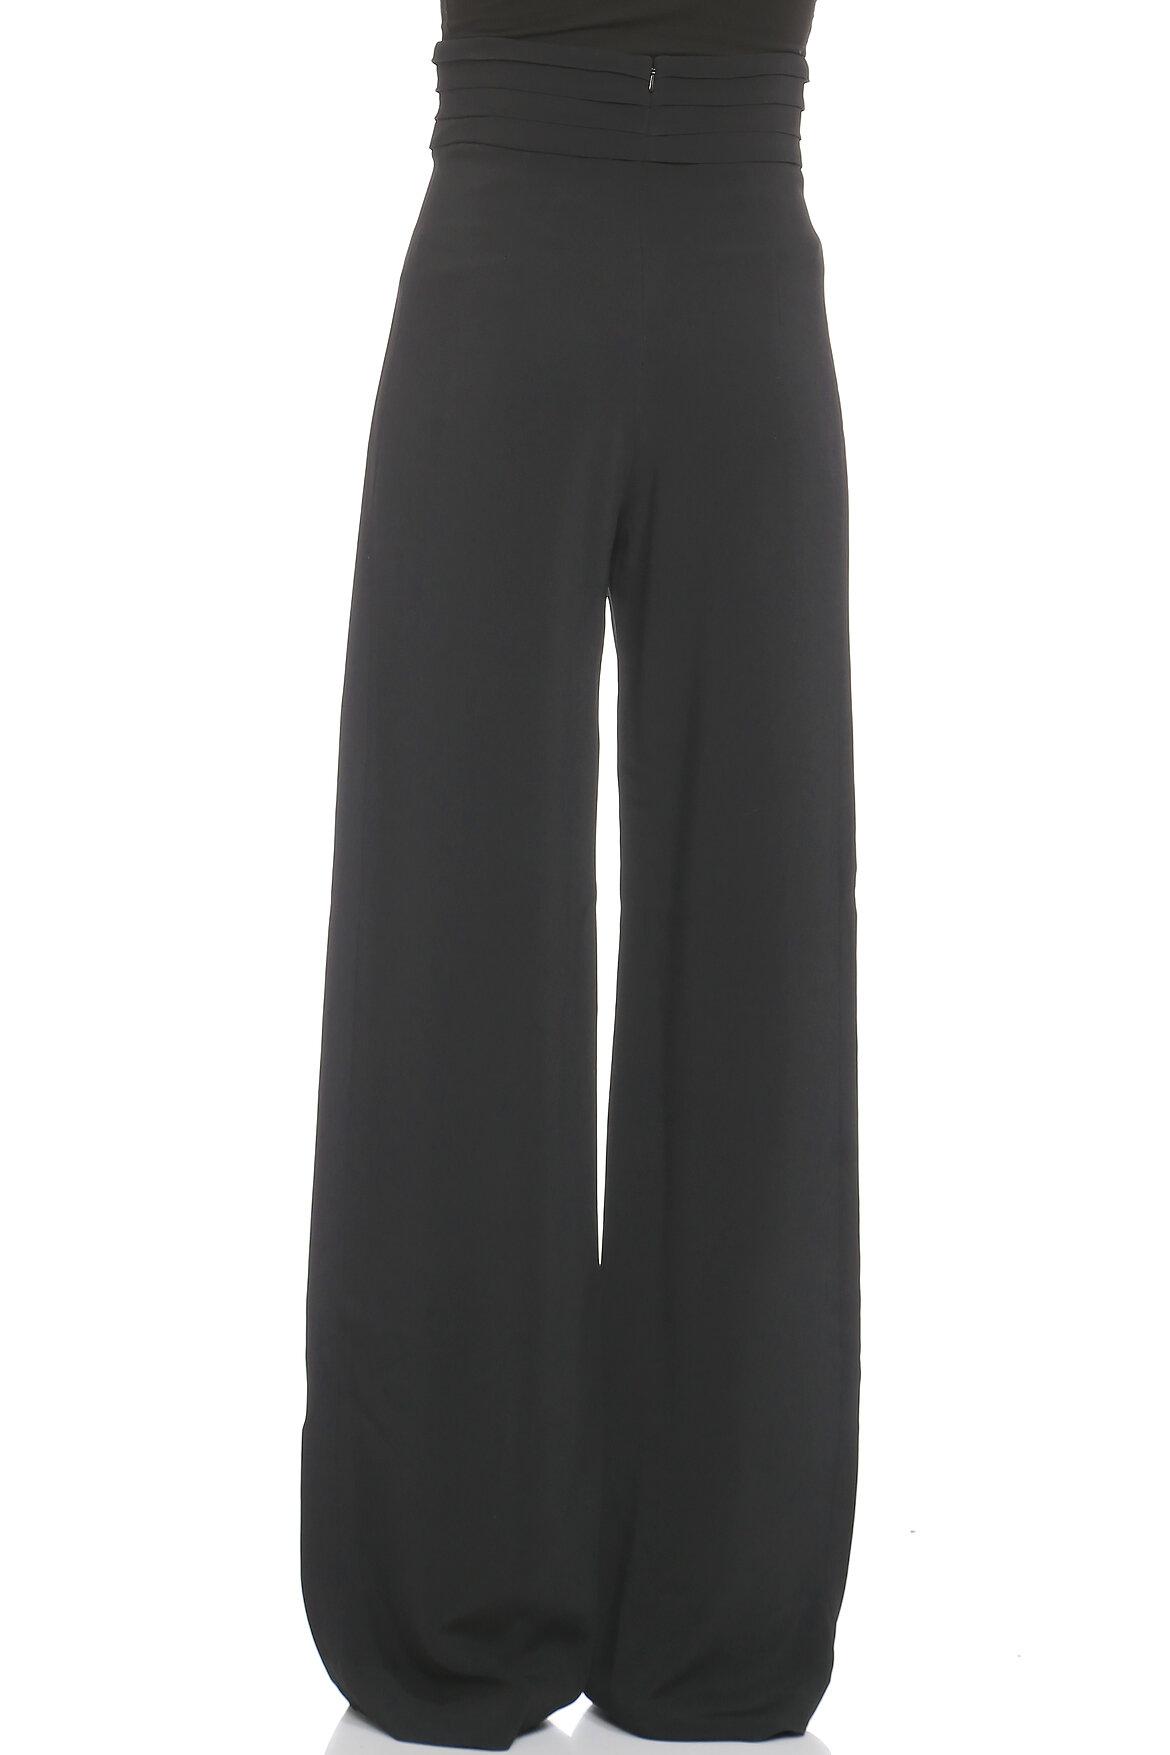 Cushnie et Ochs Geniş Kesim Siyah Pantolon